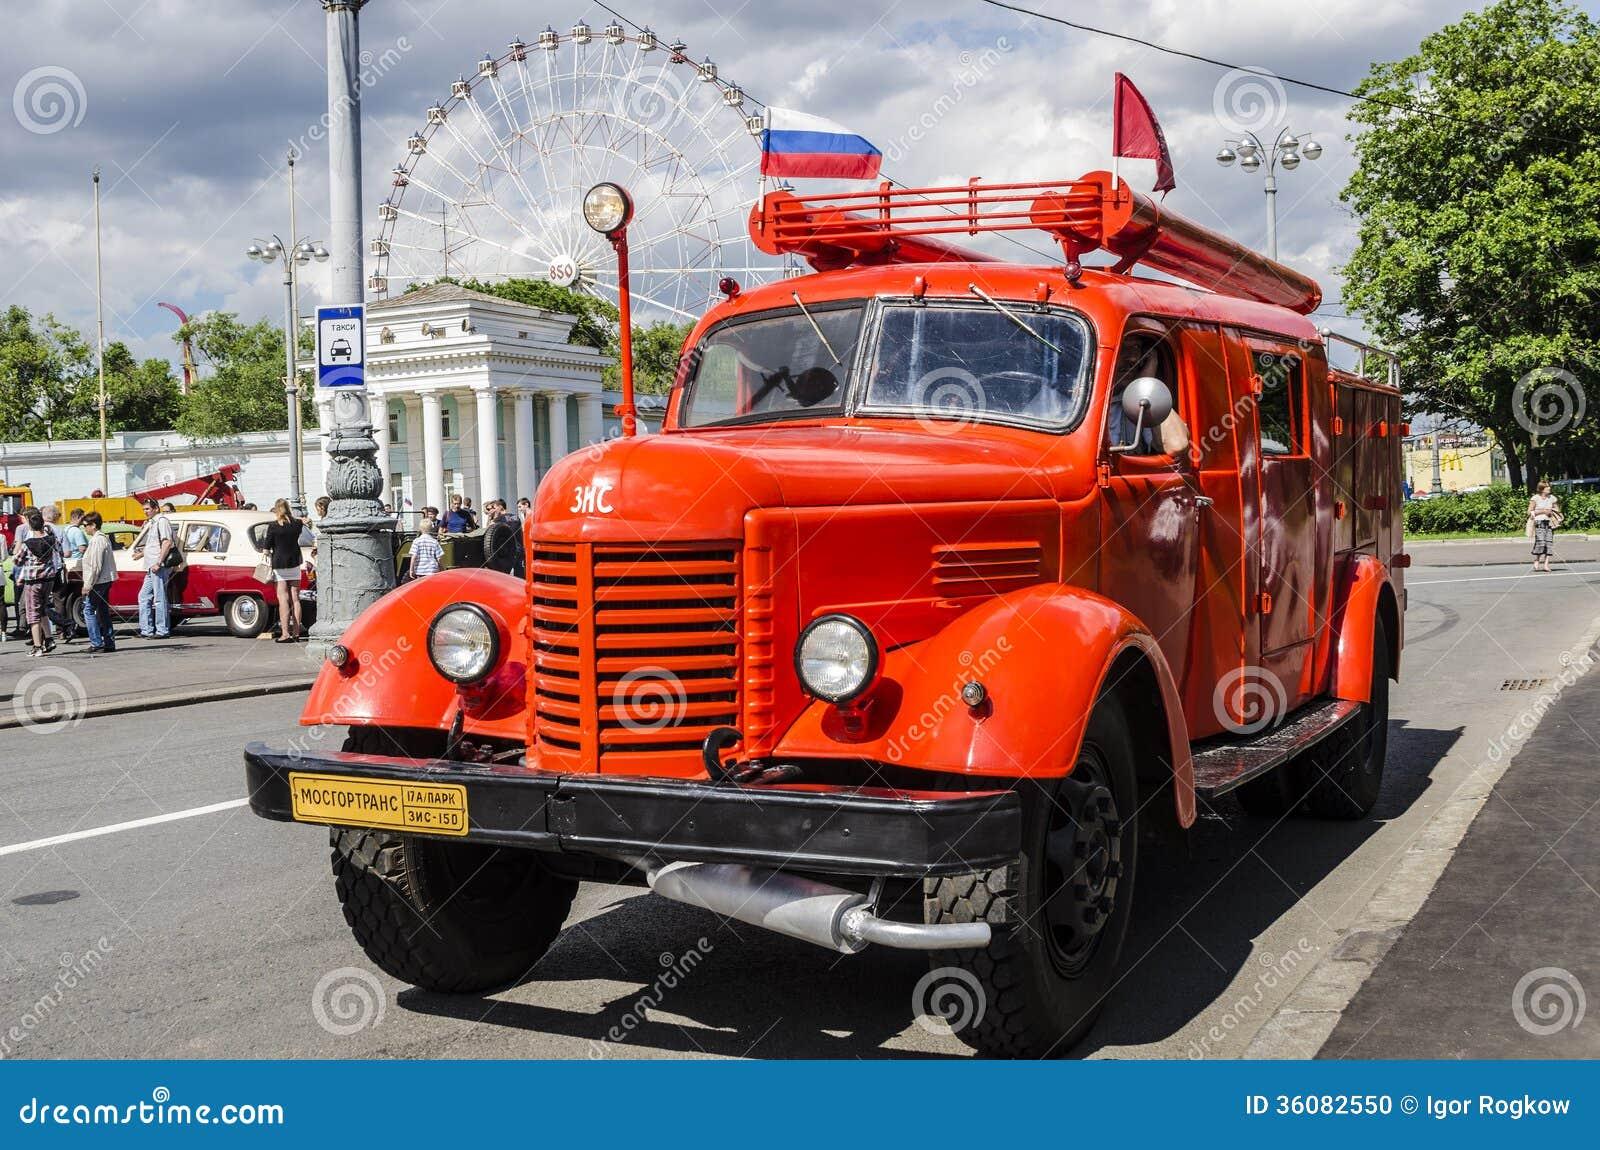 marque russe sovi tique rare vms de camion de pompiers image ditorial image du vieux urbain. Black Bedroom Furniture Sets. Home Design Ideas